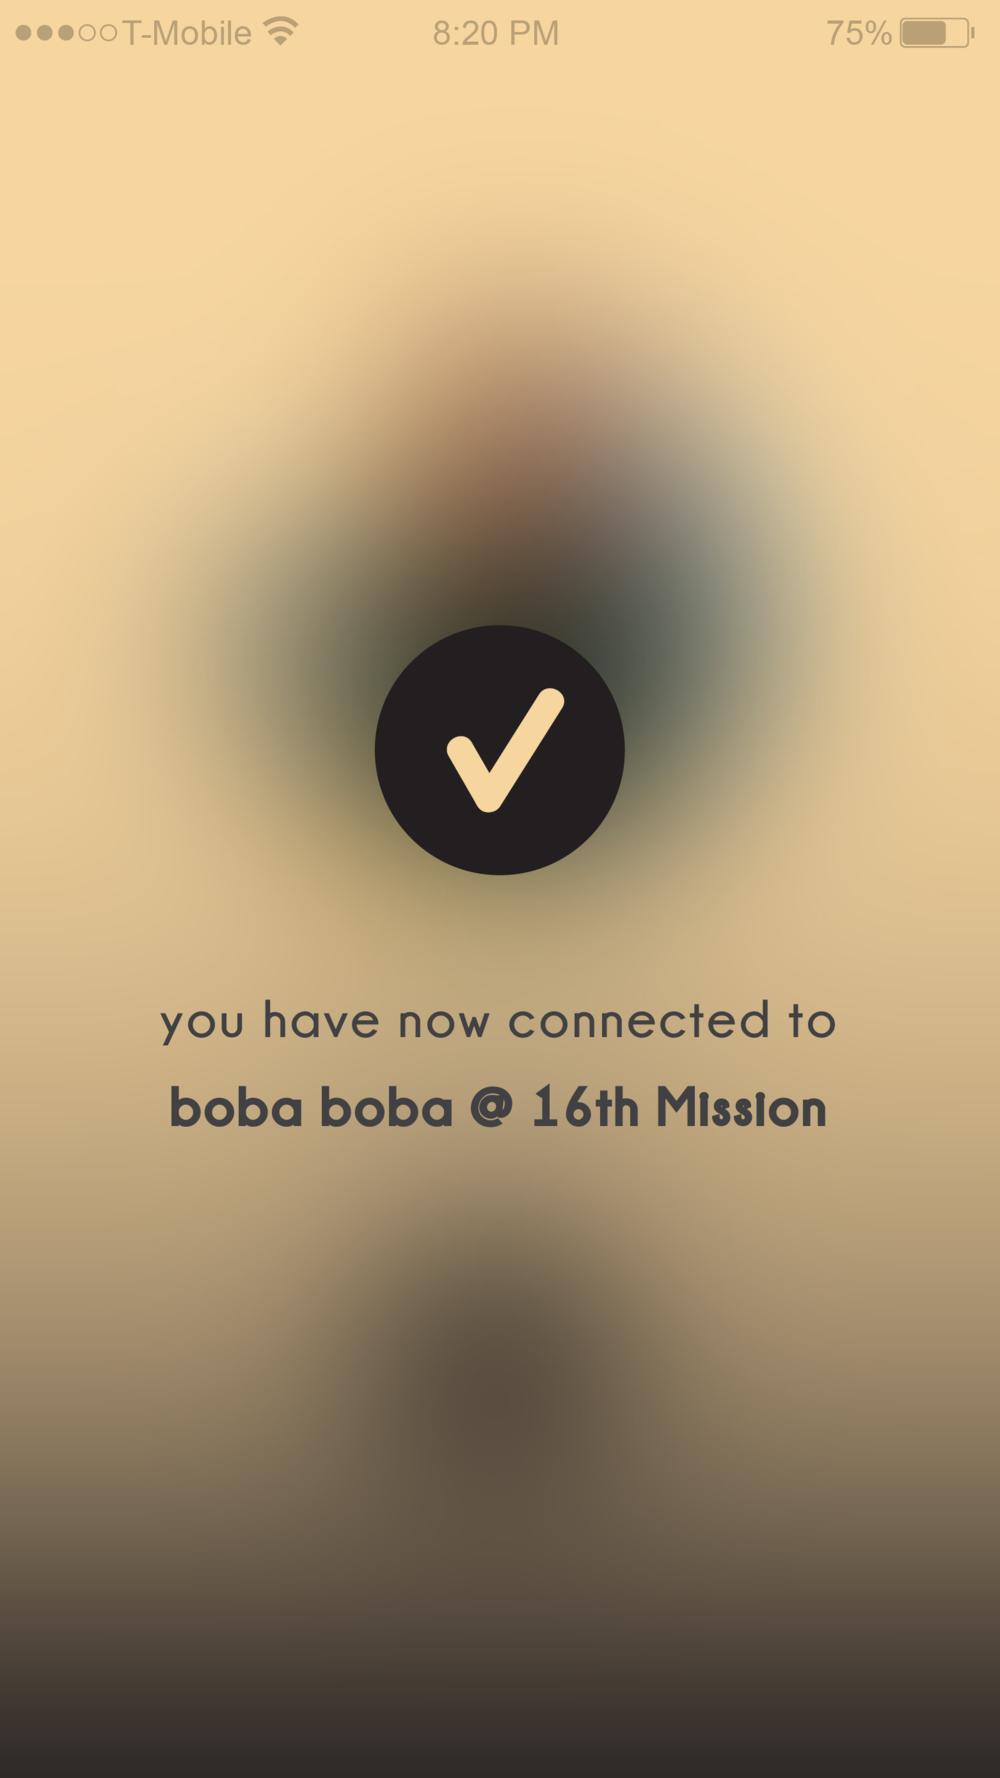 bobaboba-10.png